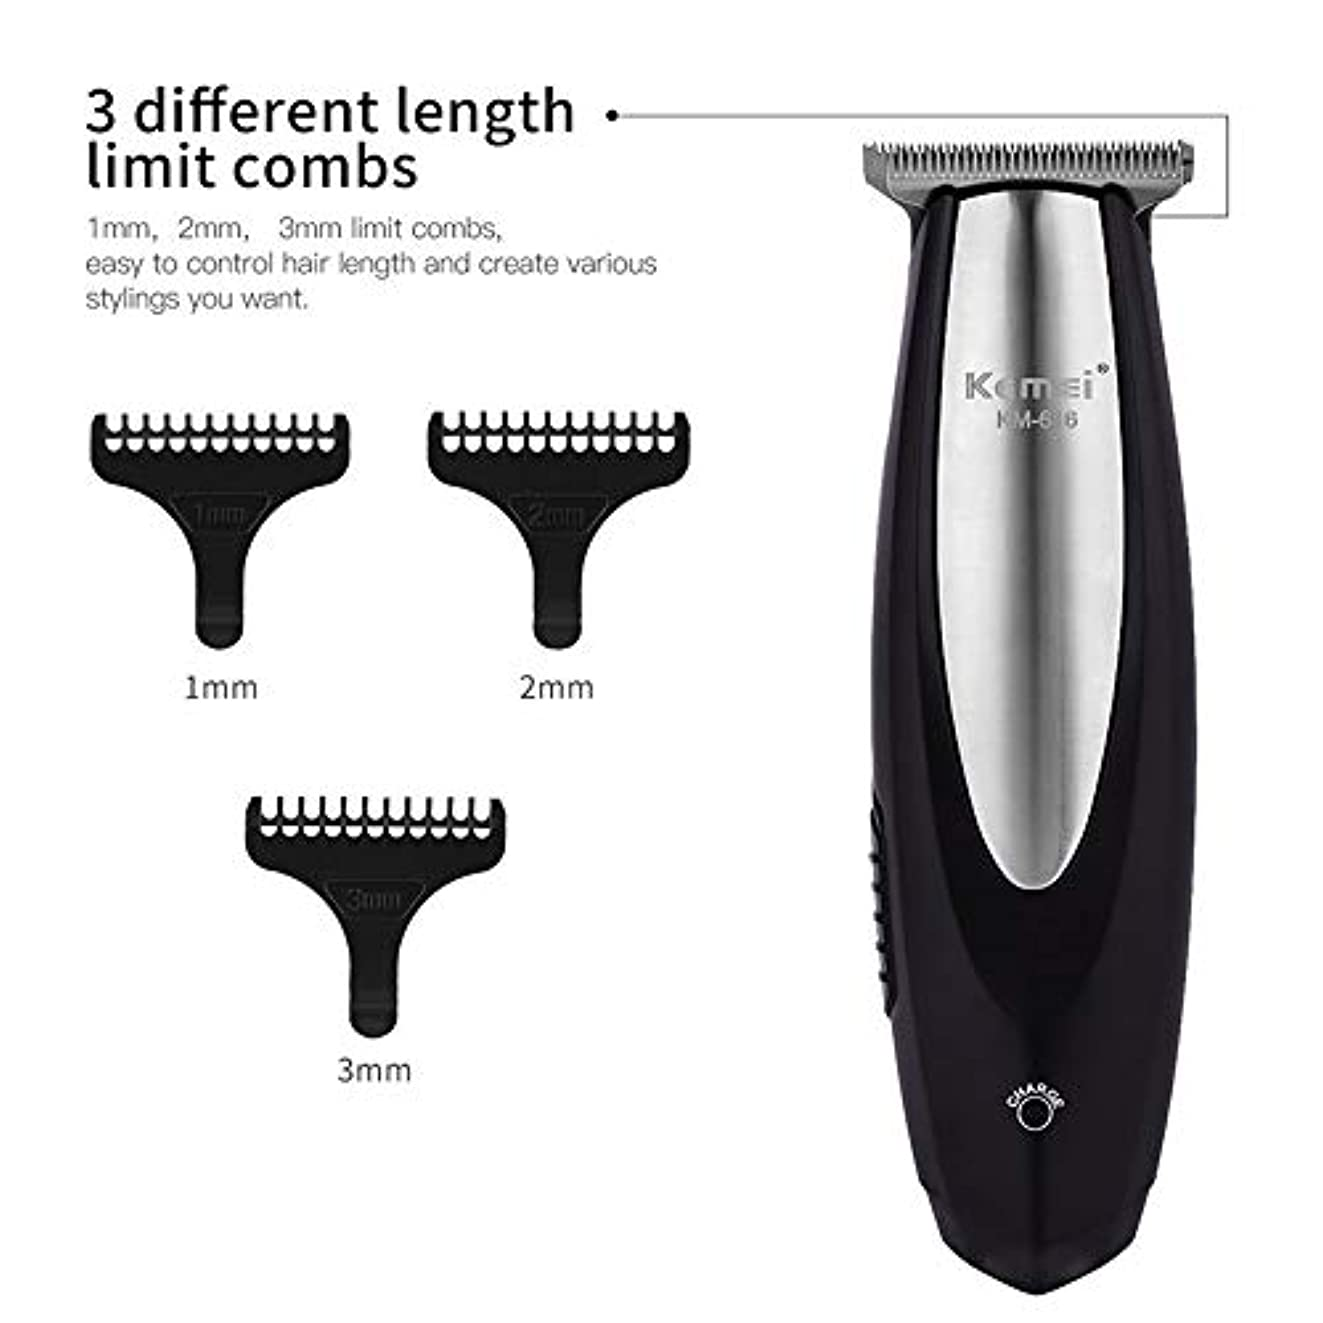 アクセル協会ながら電気バリカン充電式ヘアトリマーステンレス鋼ブレードヘア切断機髭剃りトリマー男性理髪店